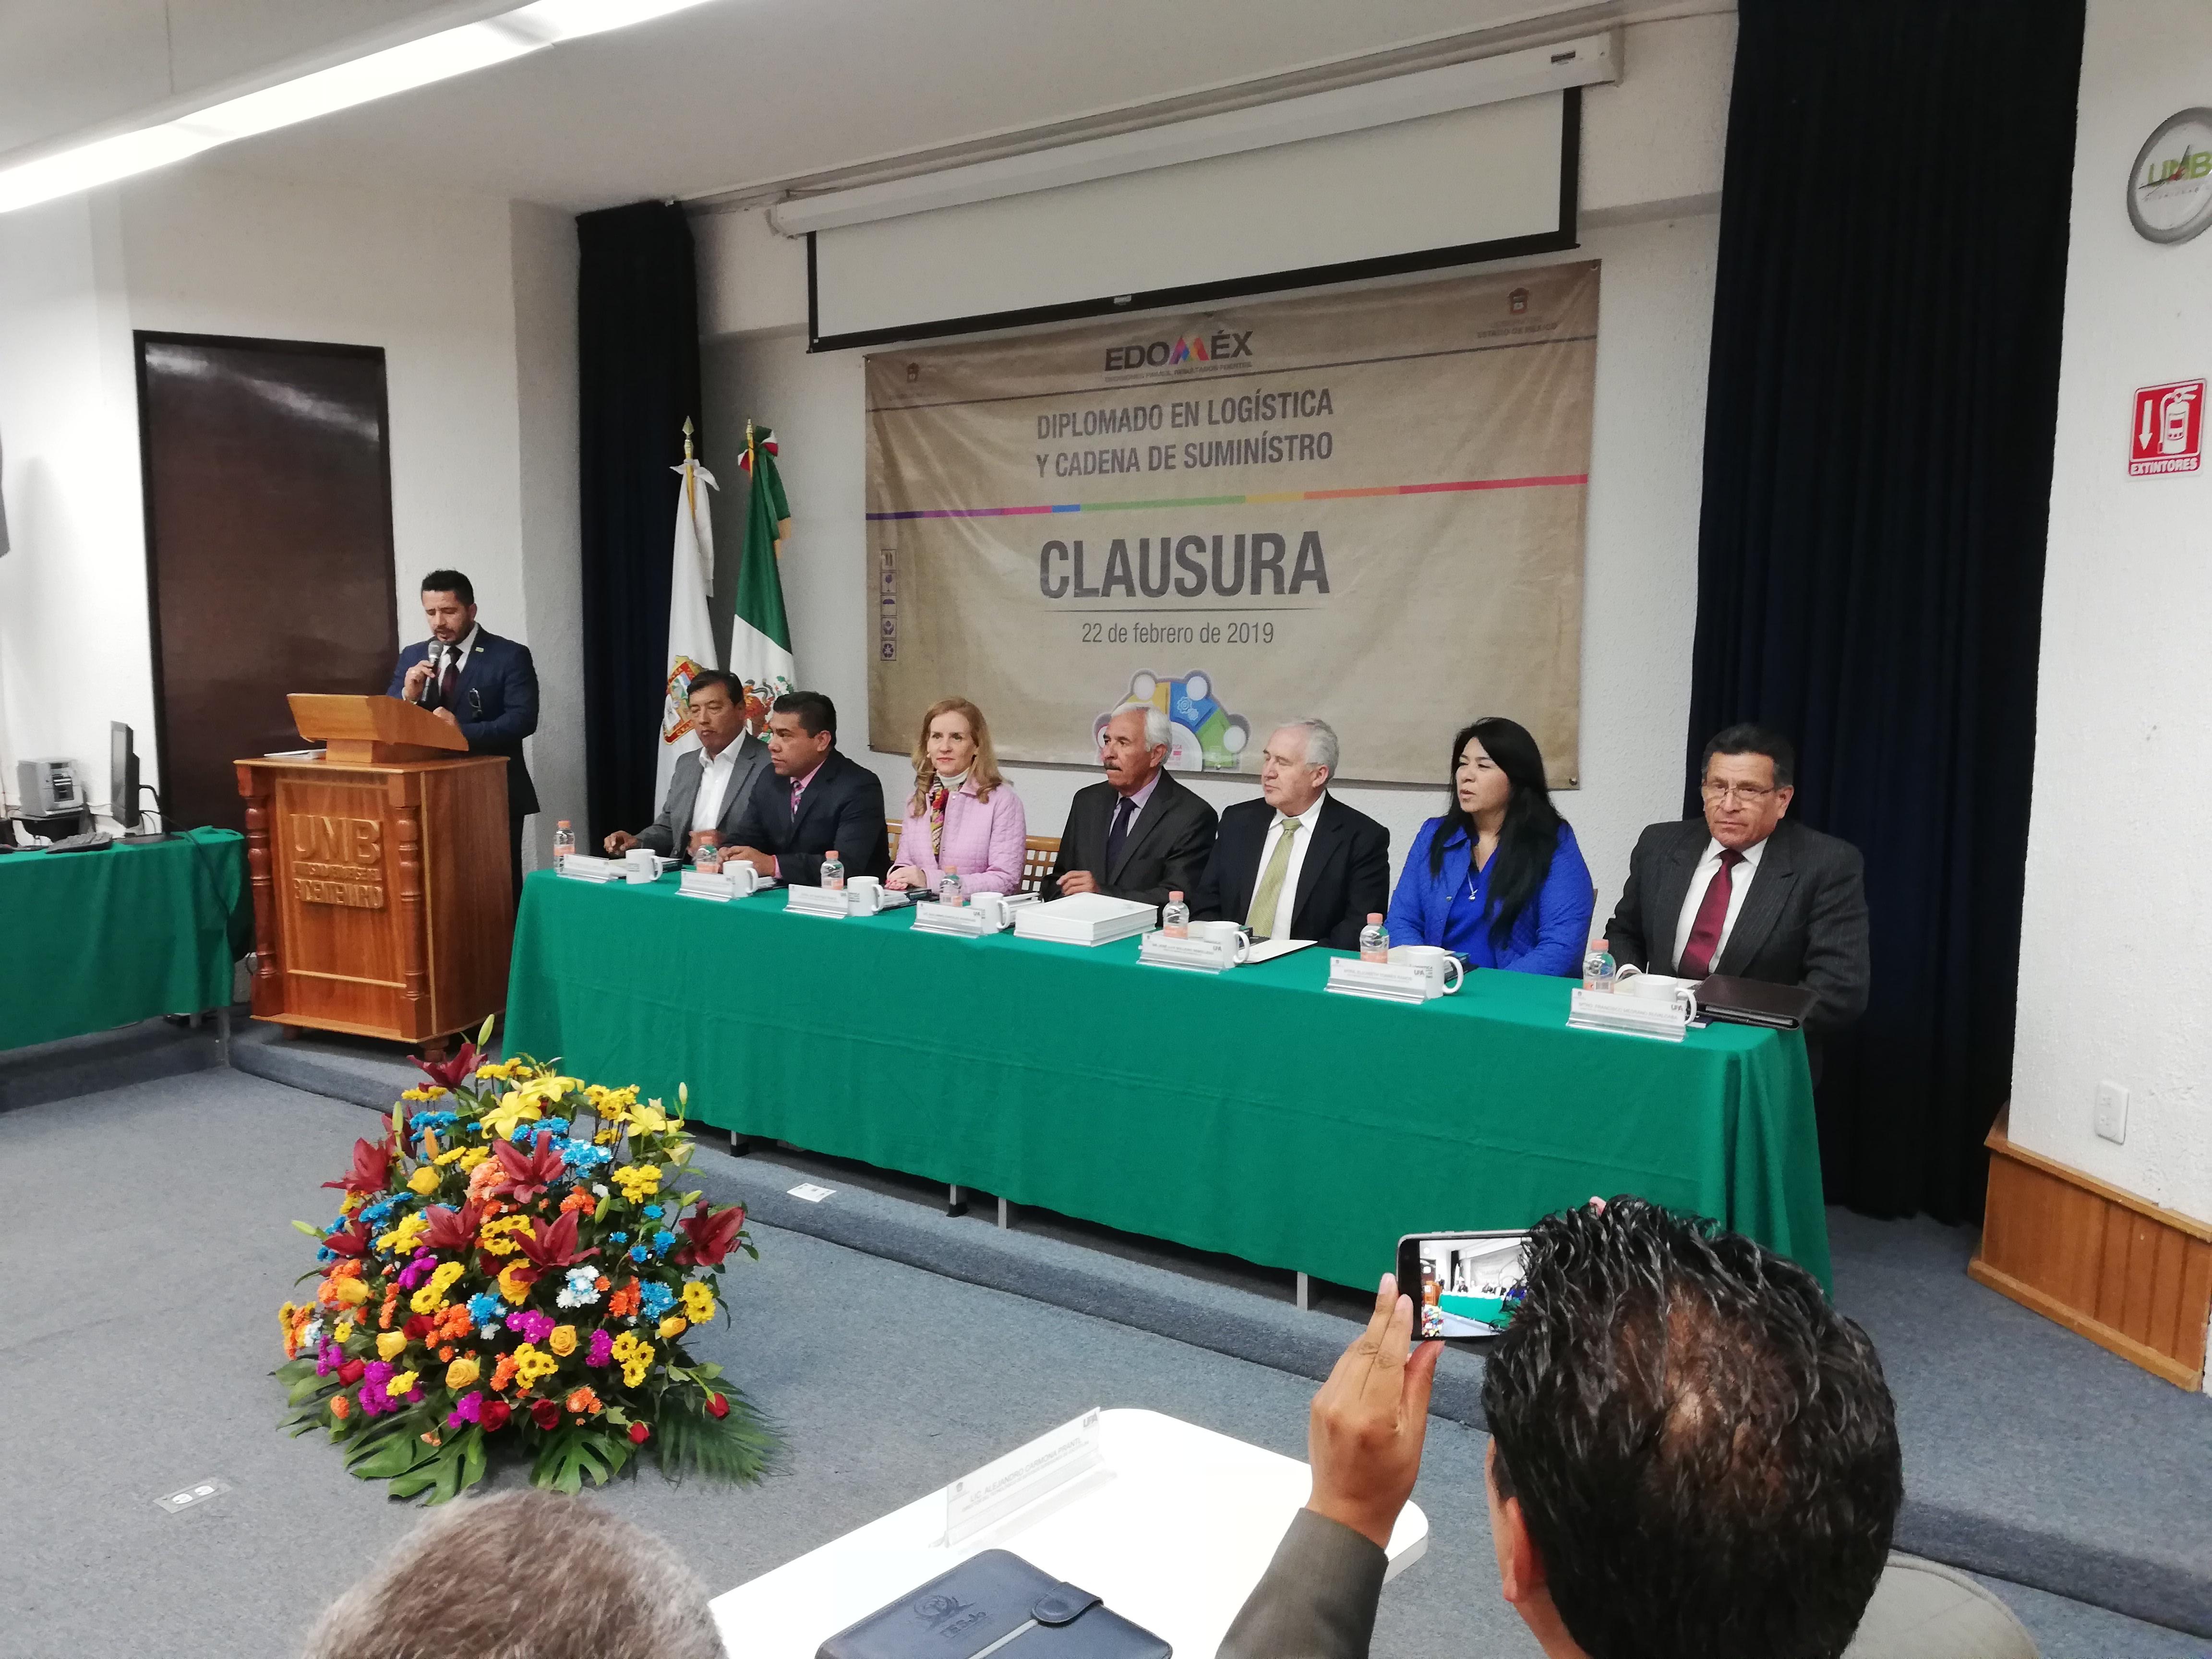 Clausura del Diplomado en logística y cadena de suministro en el Estado de México